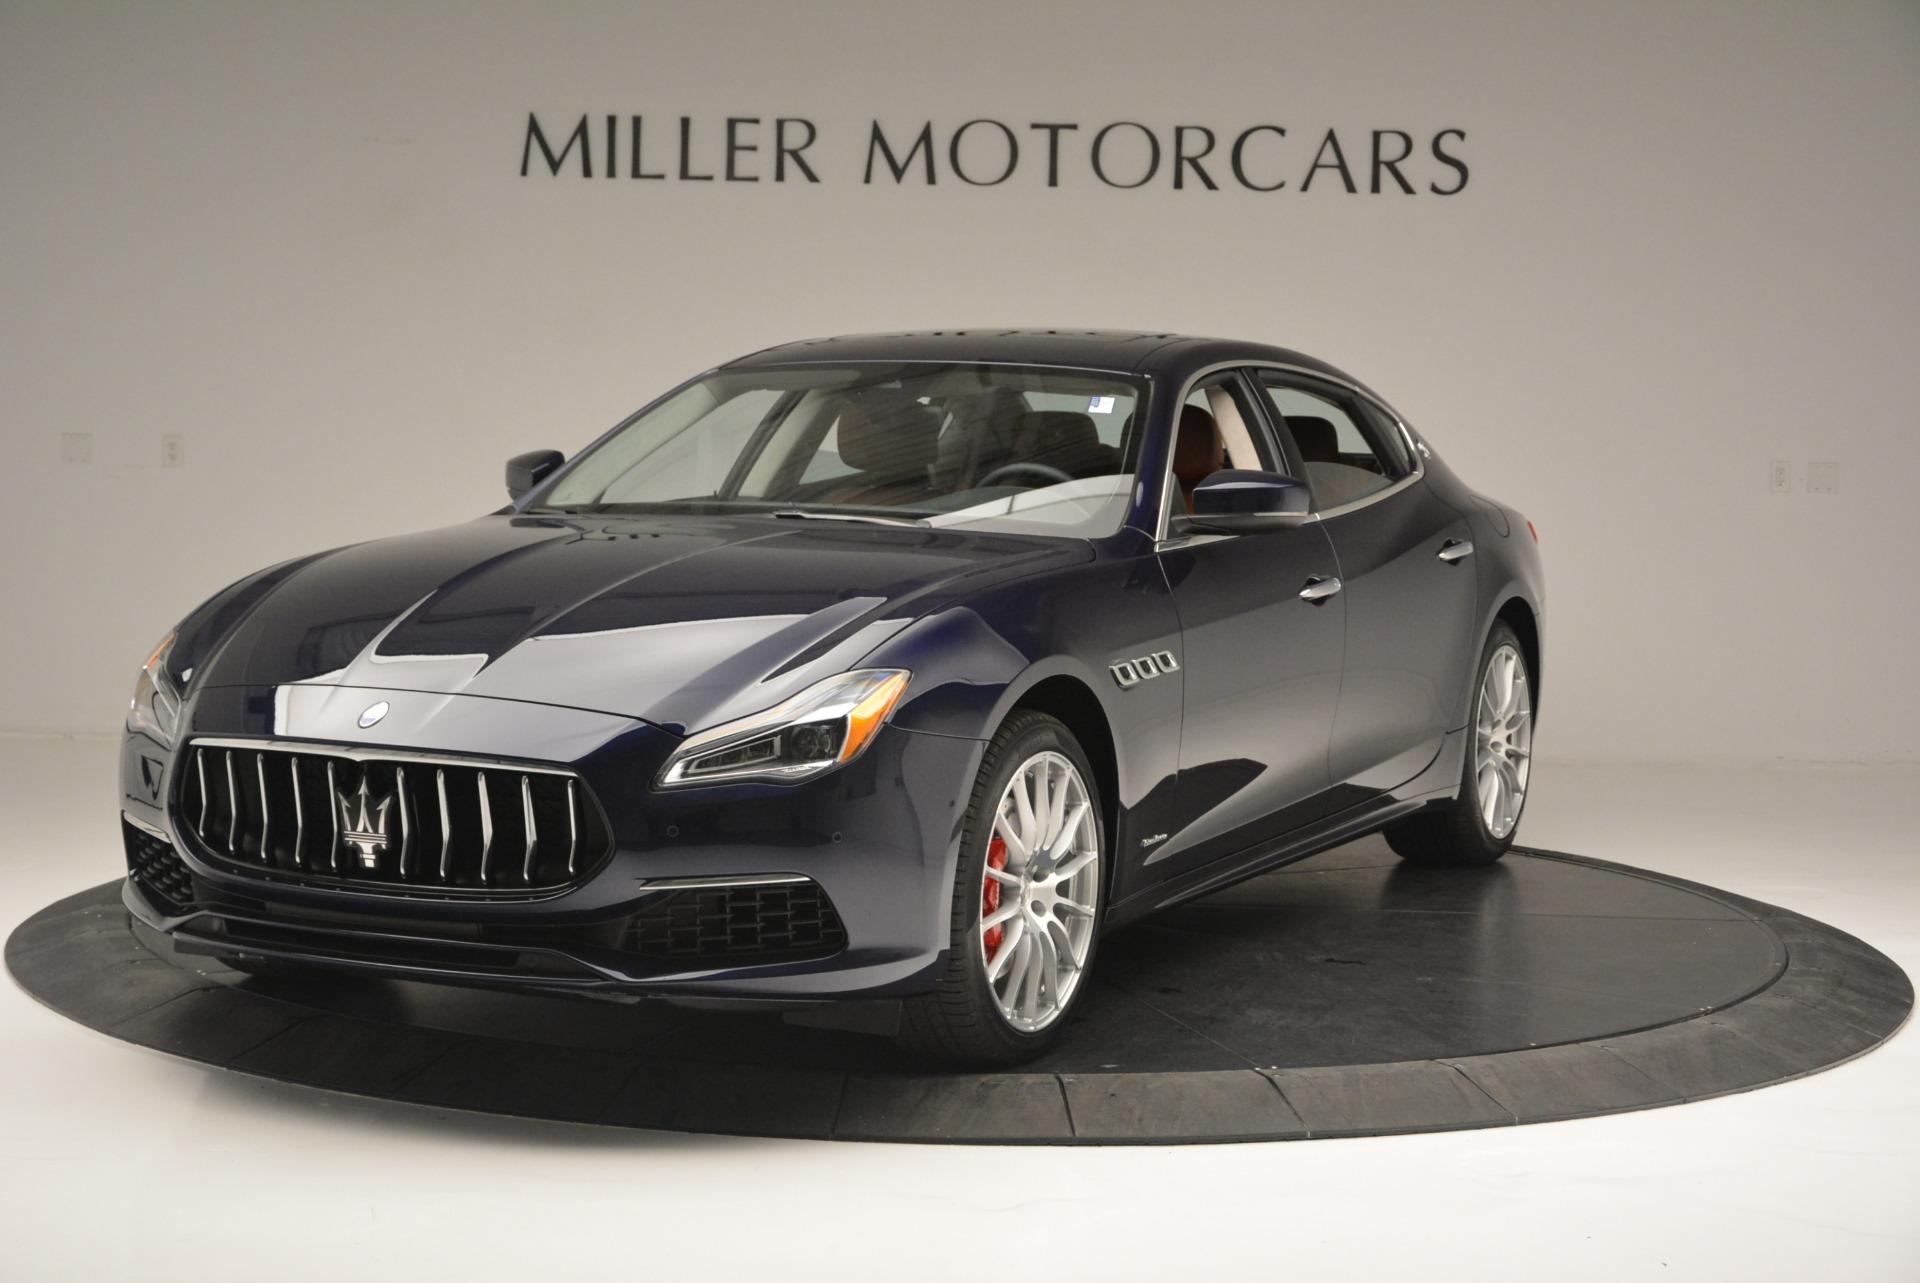 New 2018 Maserati Quattroporte S Q4 GranLusso For Sale In Greenwich, CT. Alfa Romeo of Greenwich, M1992 1859_main